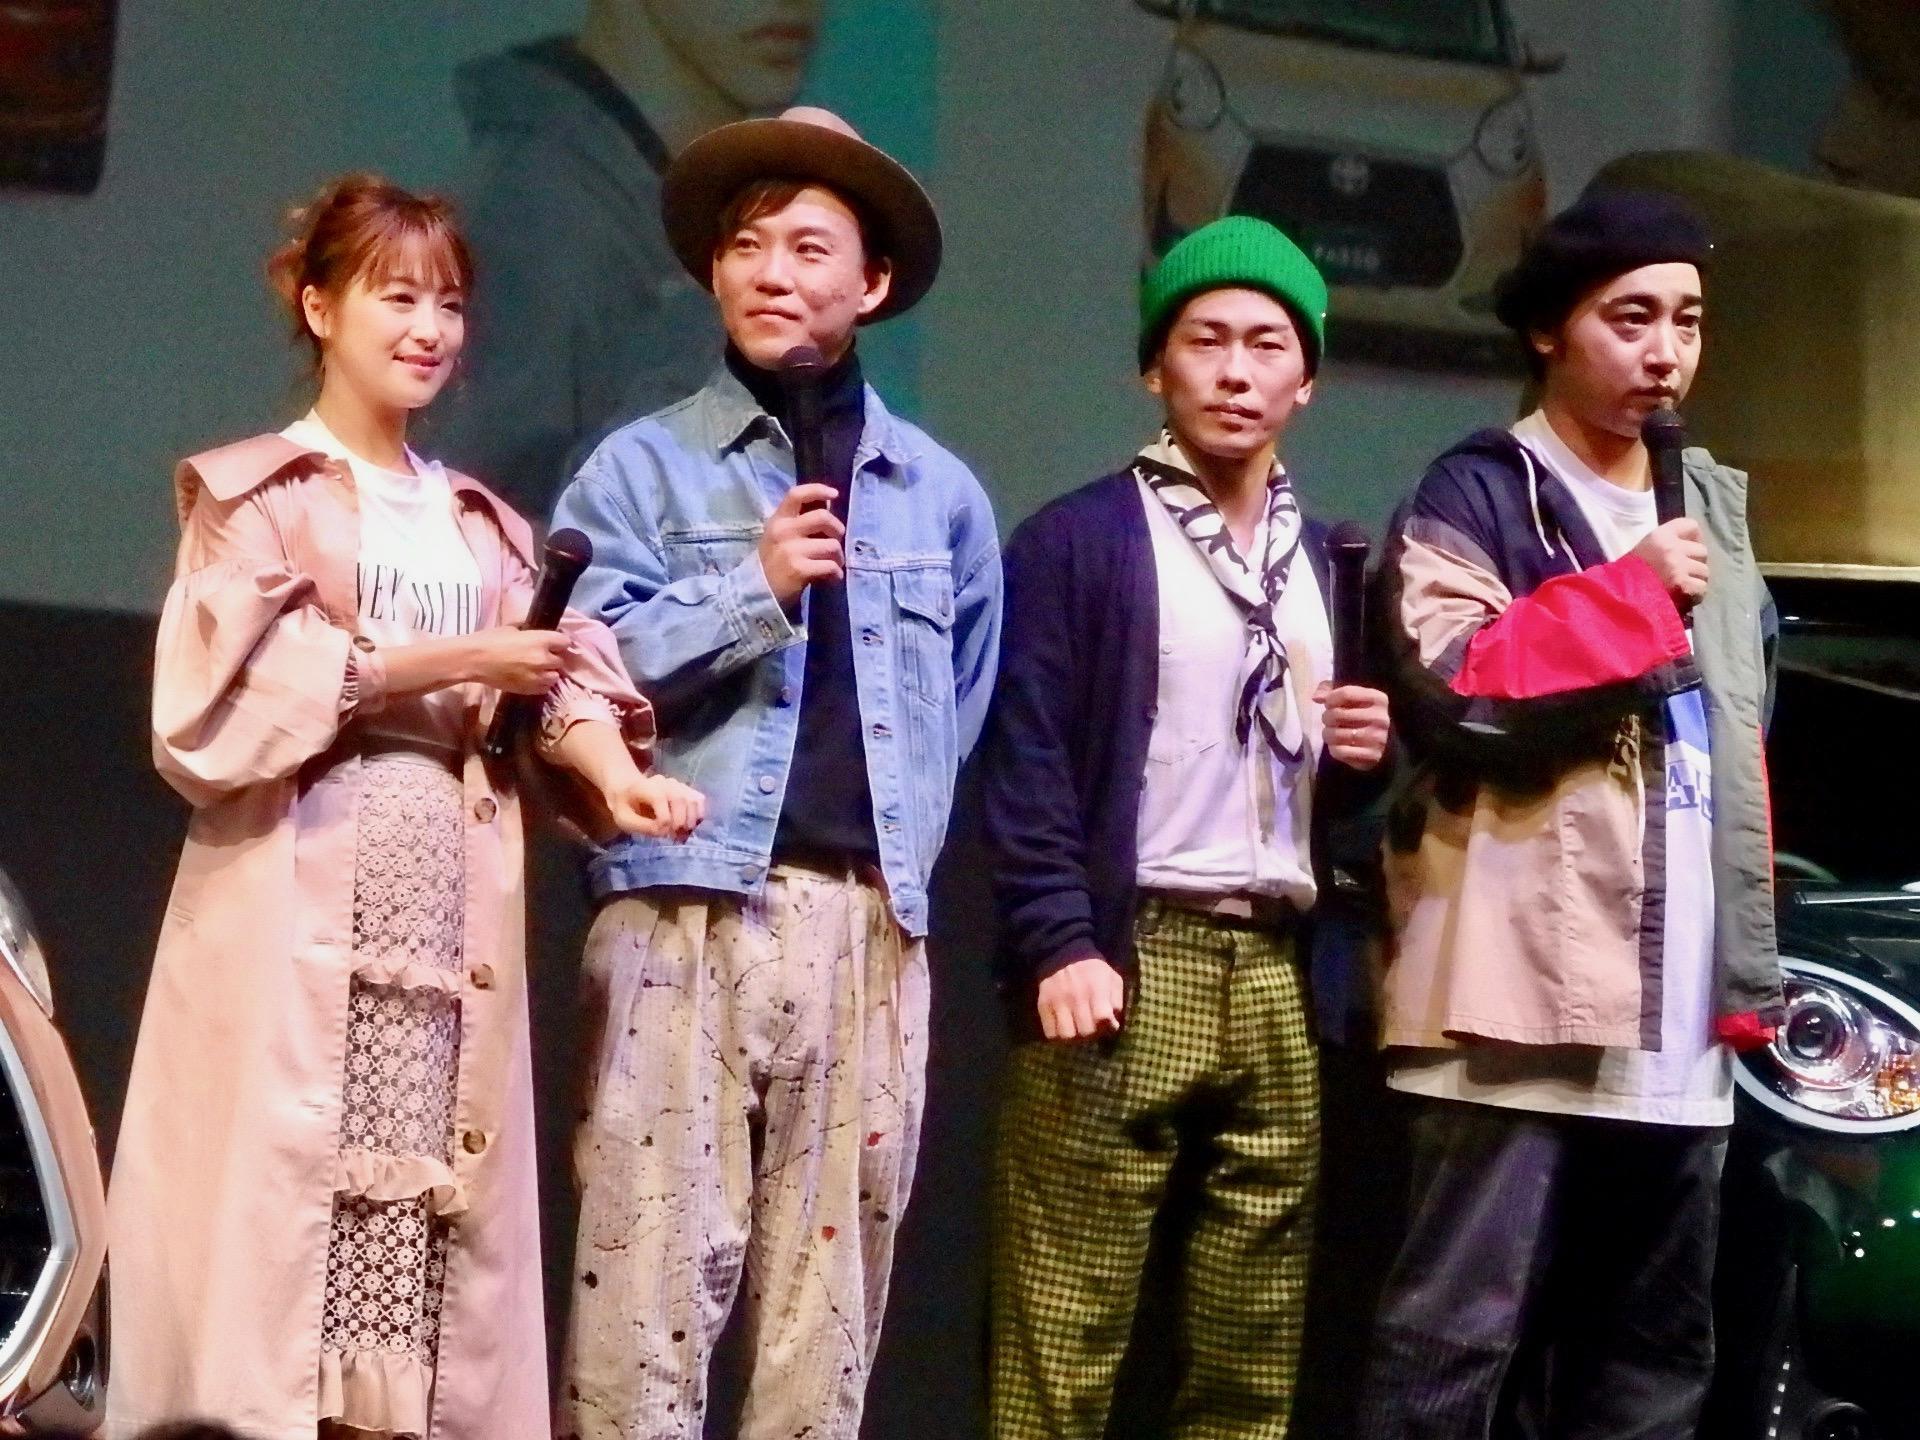 http://news.yoshimoto.co.jp/20181011035349-c6881e9932ba58549b4b031b1ee9d786d1c8d6a5.jpg